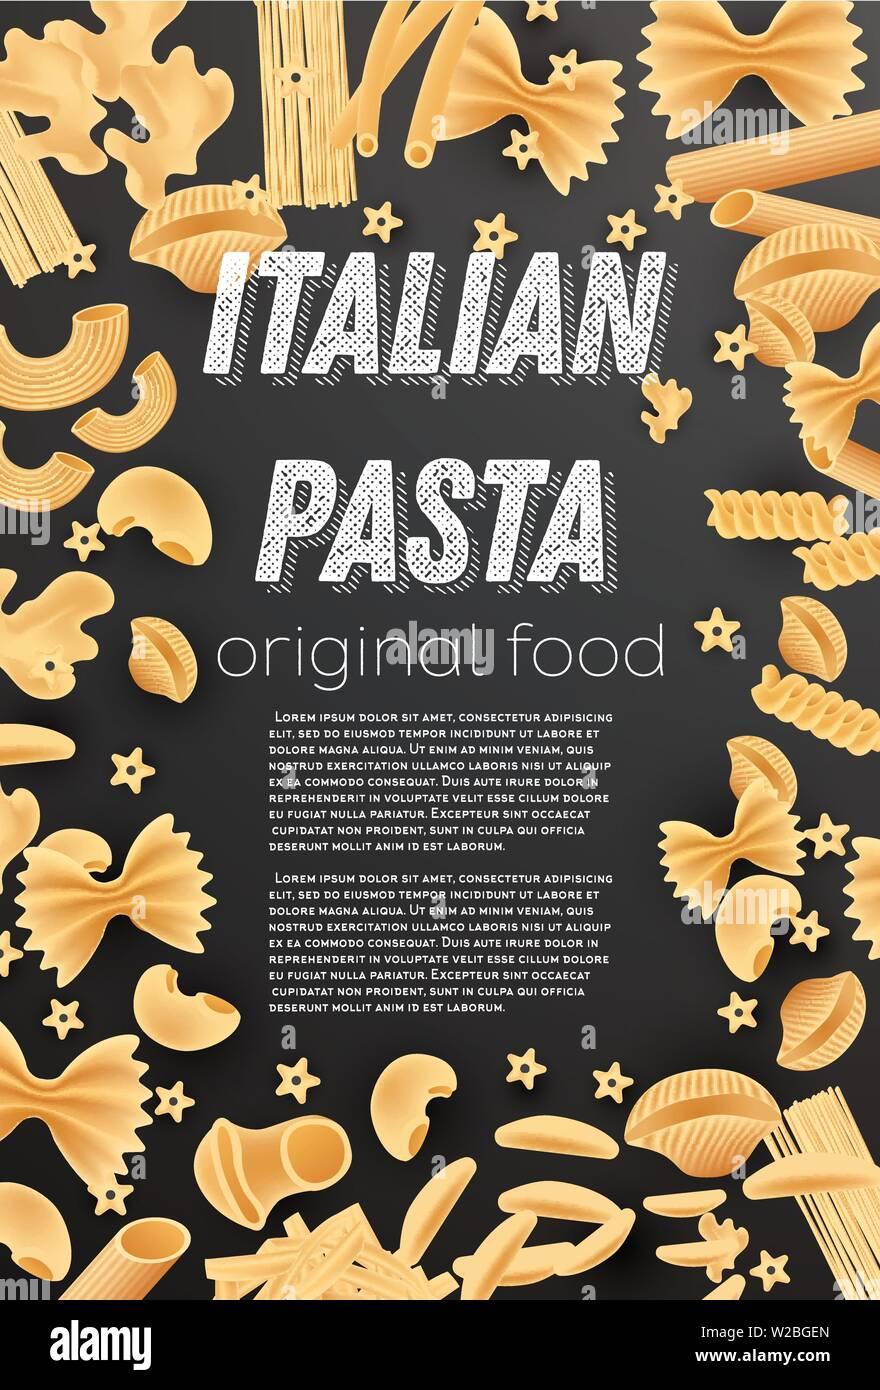 Italian Pasta Background. Farfalle, Conchiglie, Linguine, Maccheroni, Penne, Rigate, Spaghetti, Fusilli and Lasagne. Vector Illustration. Stock Vector